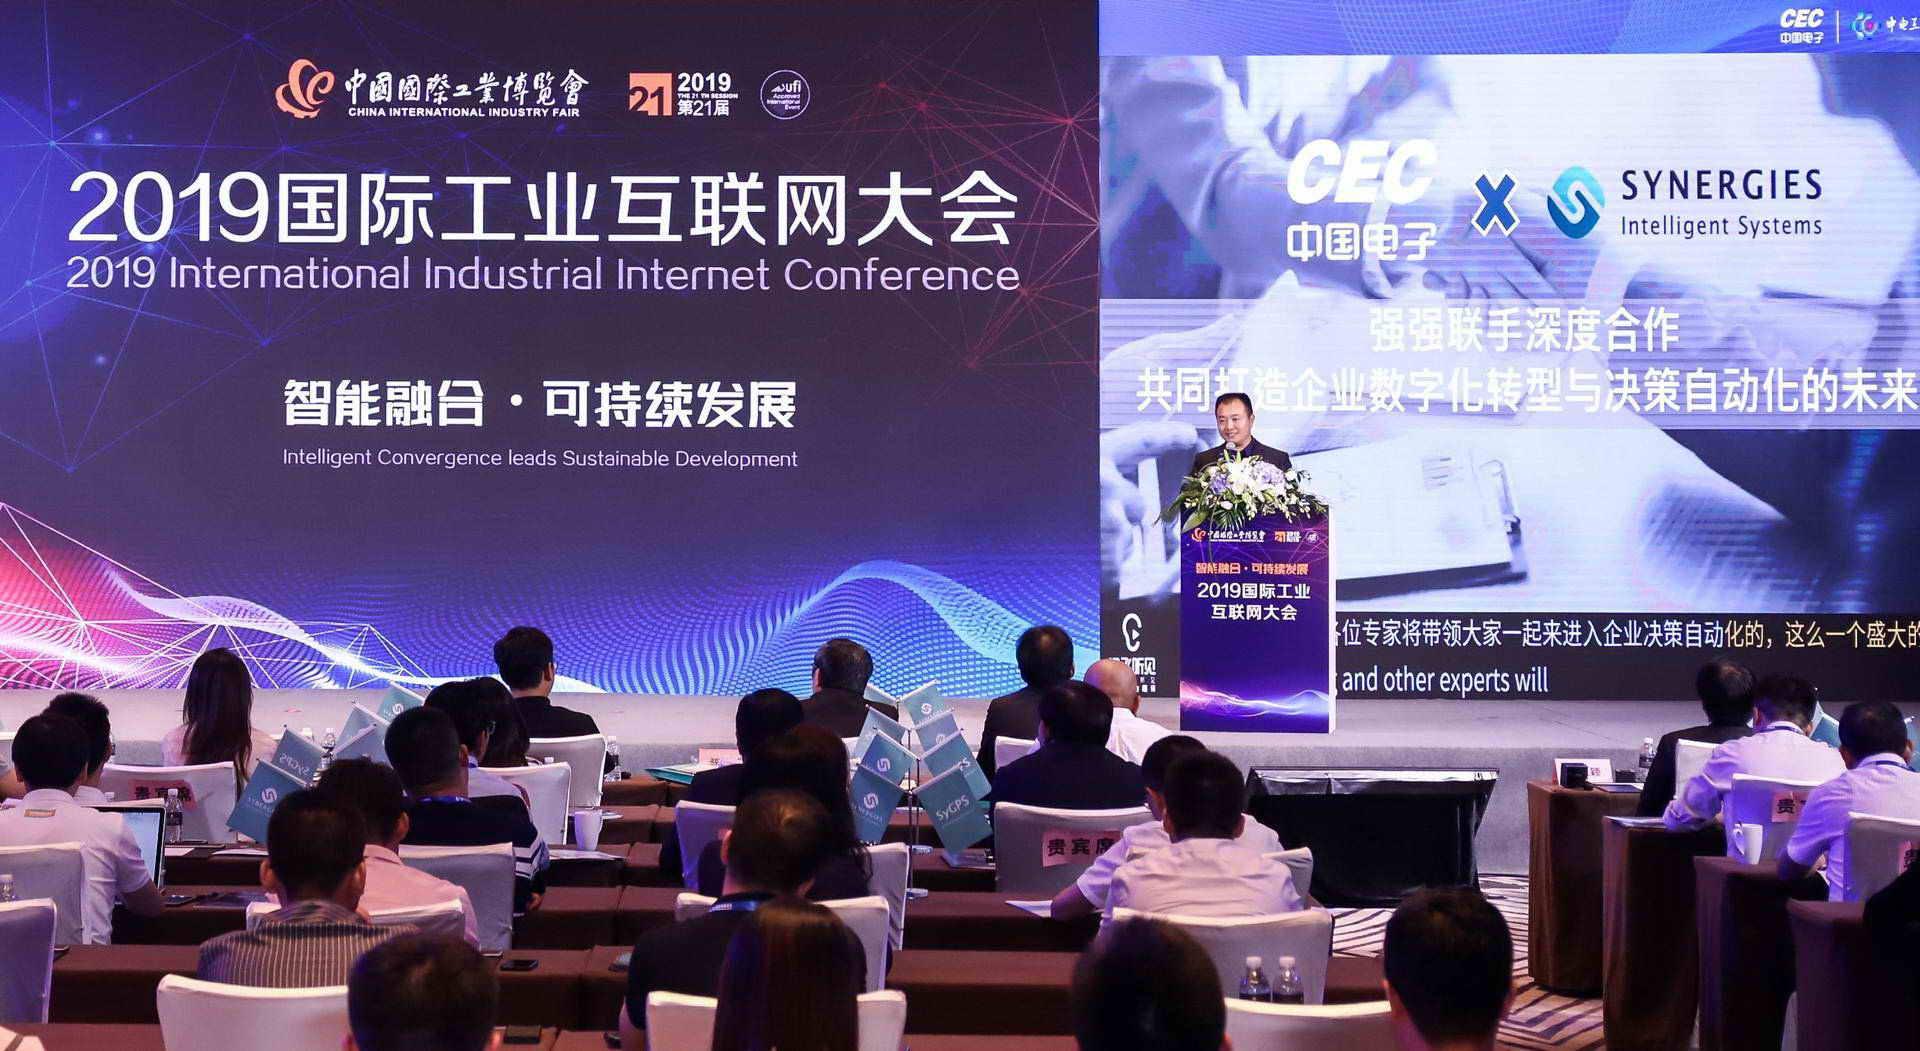 2019国际工业互联网大会在沪成功召开